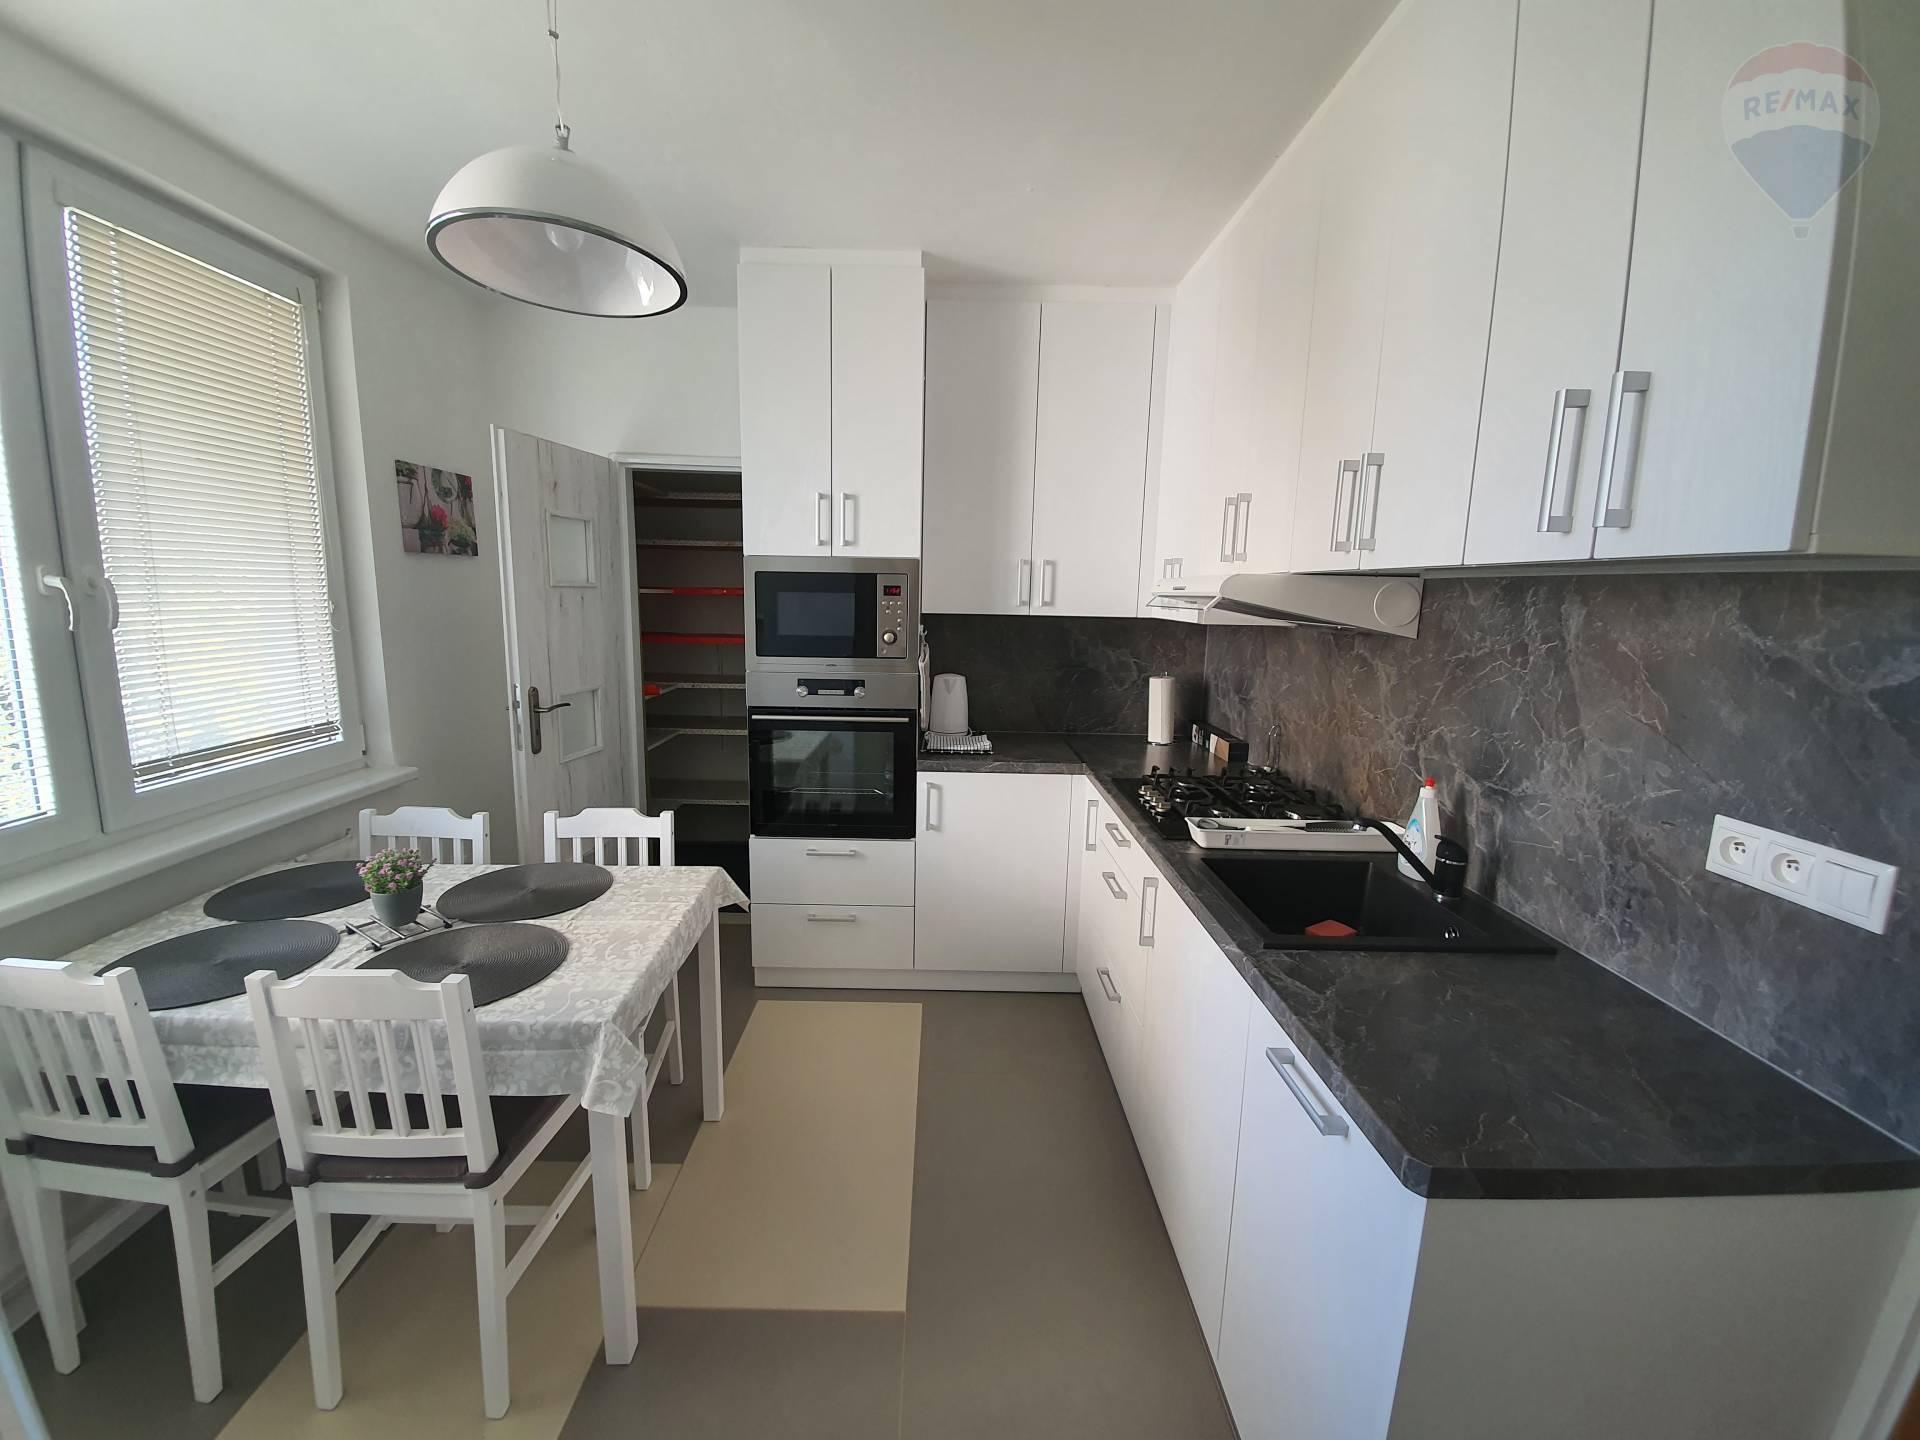 Prenajmeme 4-izbový byt v NR – Ďurčanského, komplet výbava, voľný ihneď